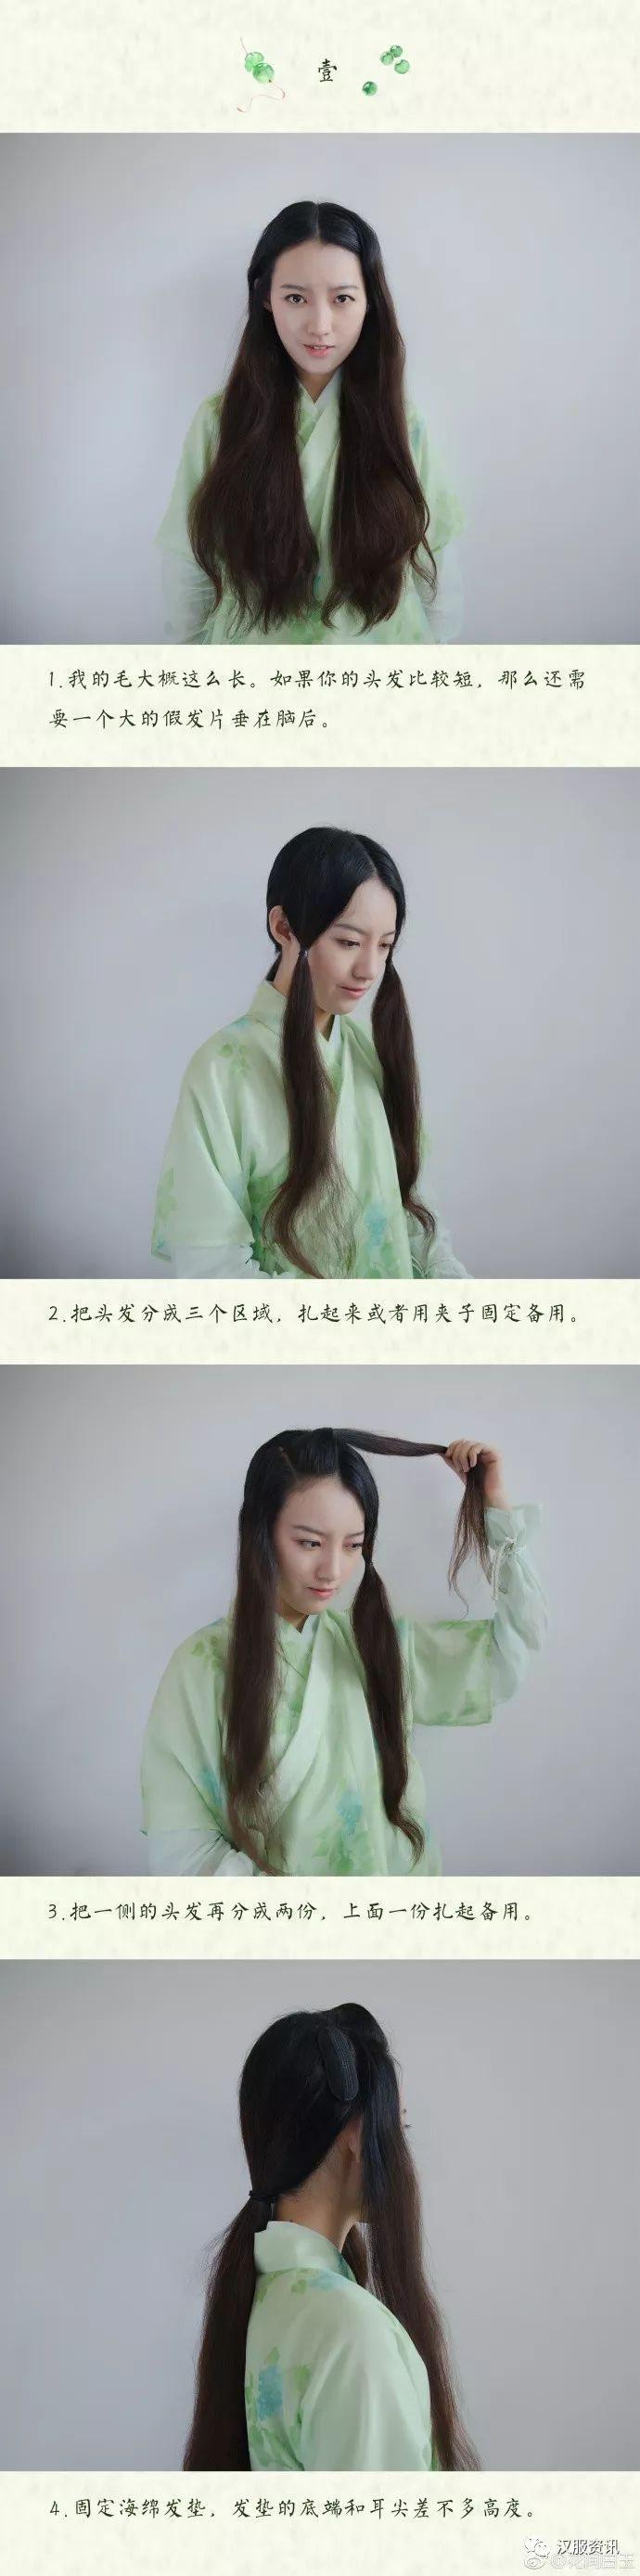 【汉服发型】剧版赵灵儿发型,超级无敌少女风-图片2